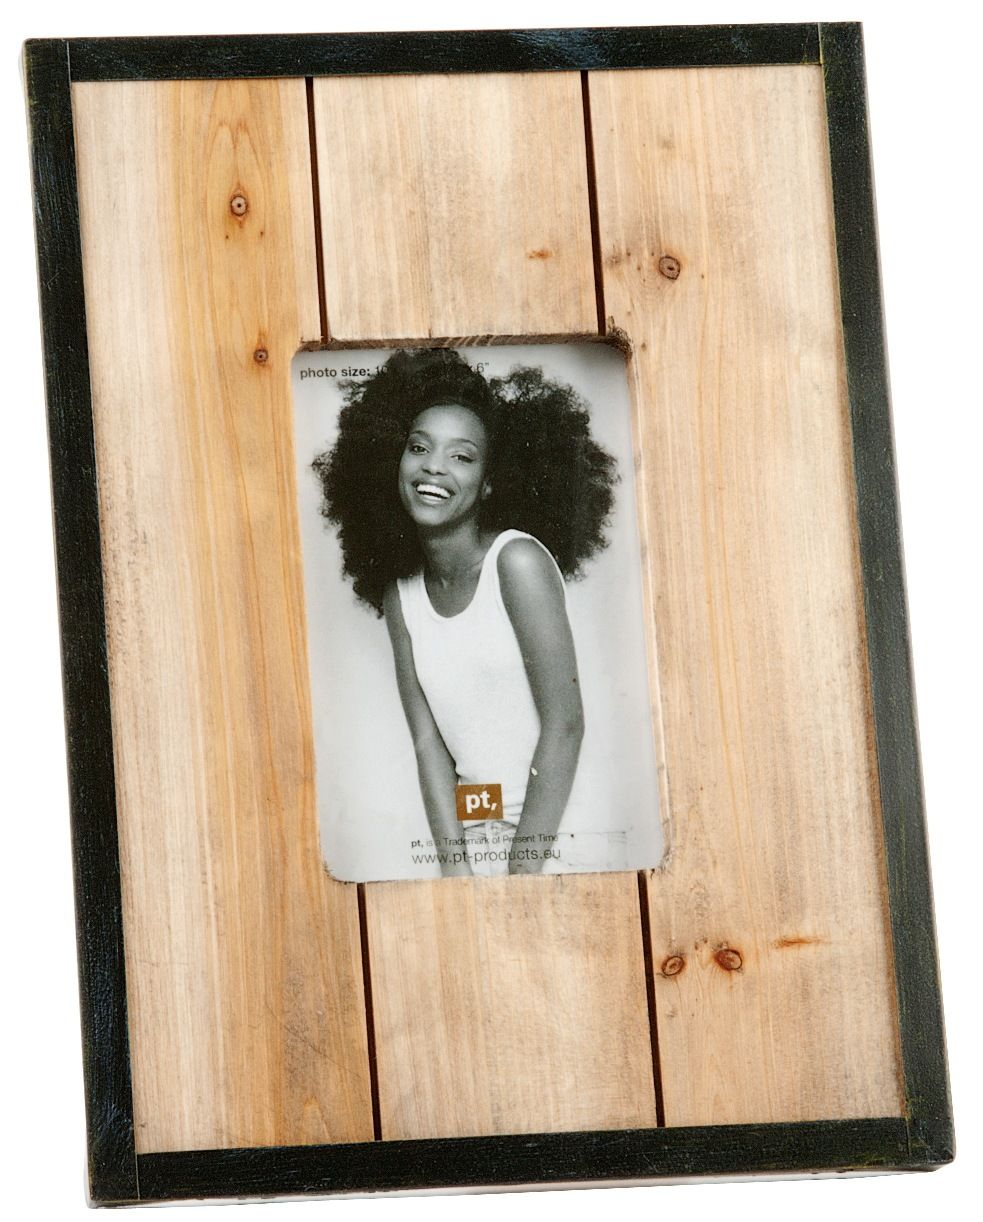 Surfer Bilderrahmen aus Holz und Metall für 10 x 15 cm